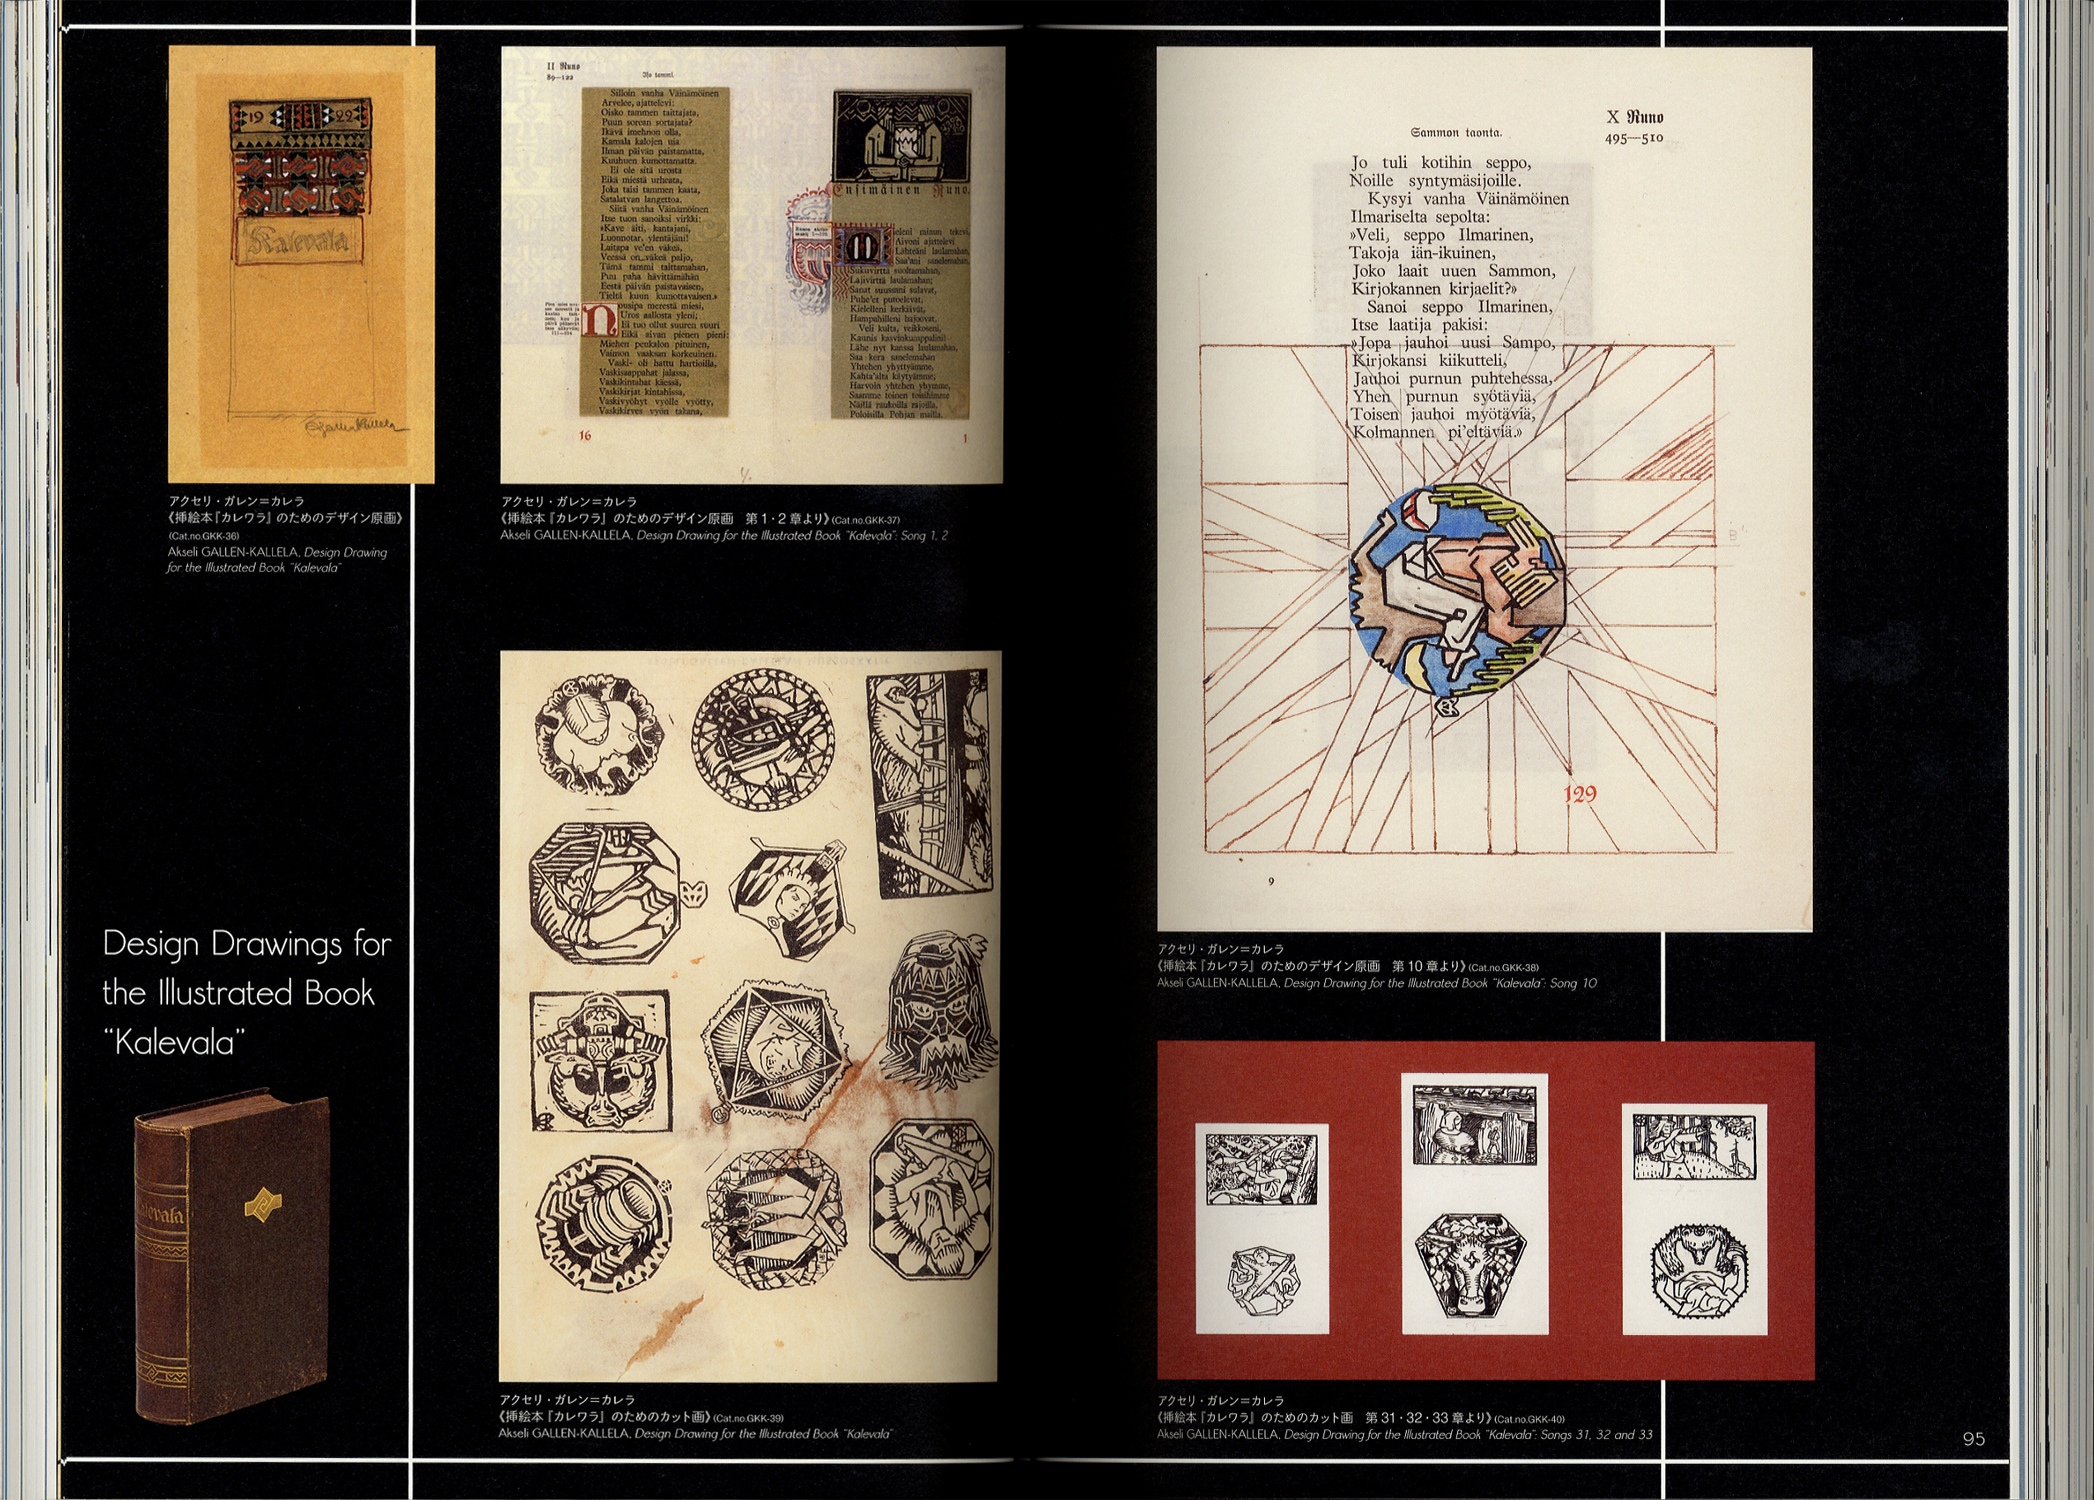 フィンランドのくらしとデザイン ムーミンが住む森の生活展図録[image3]